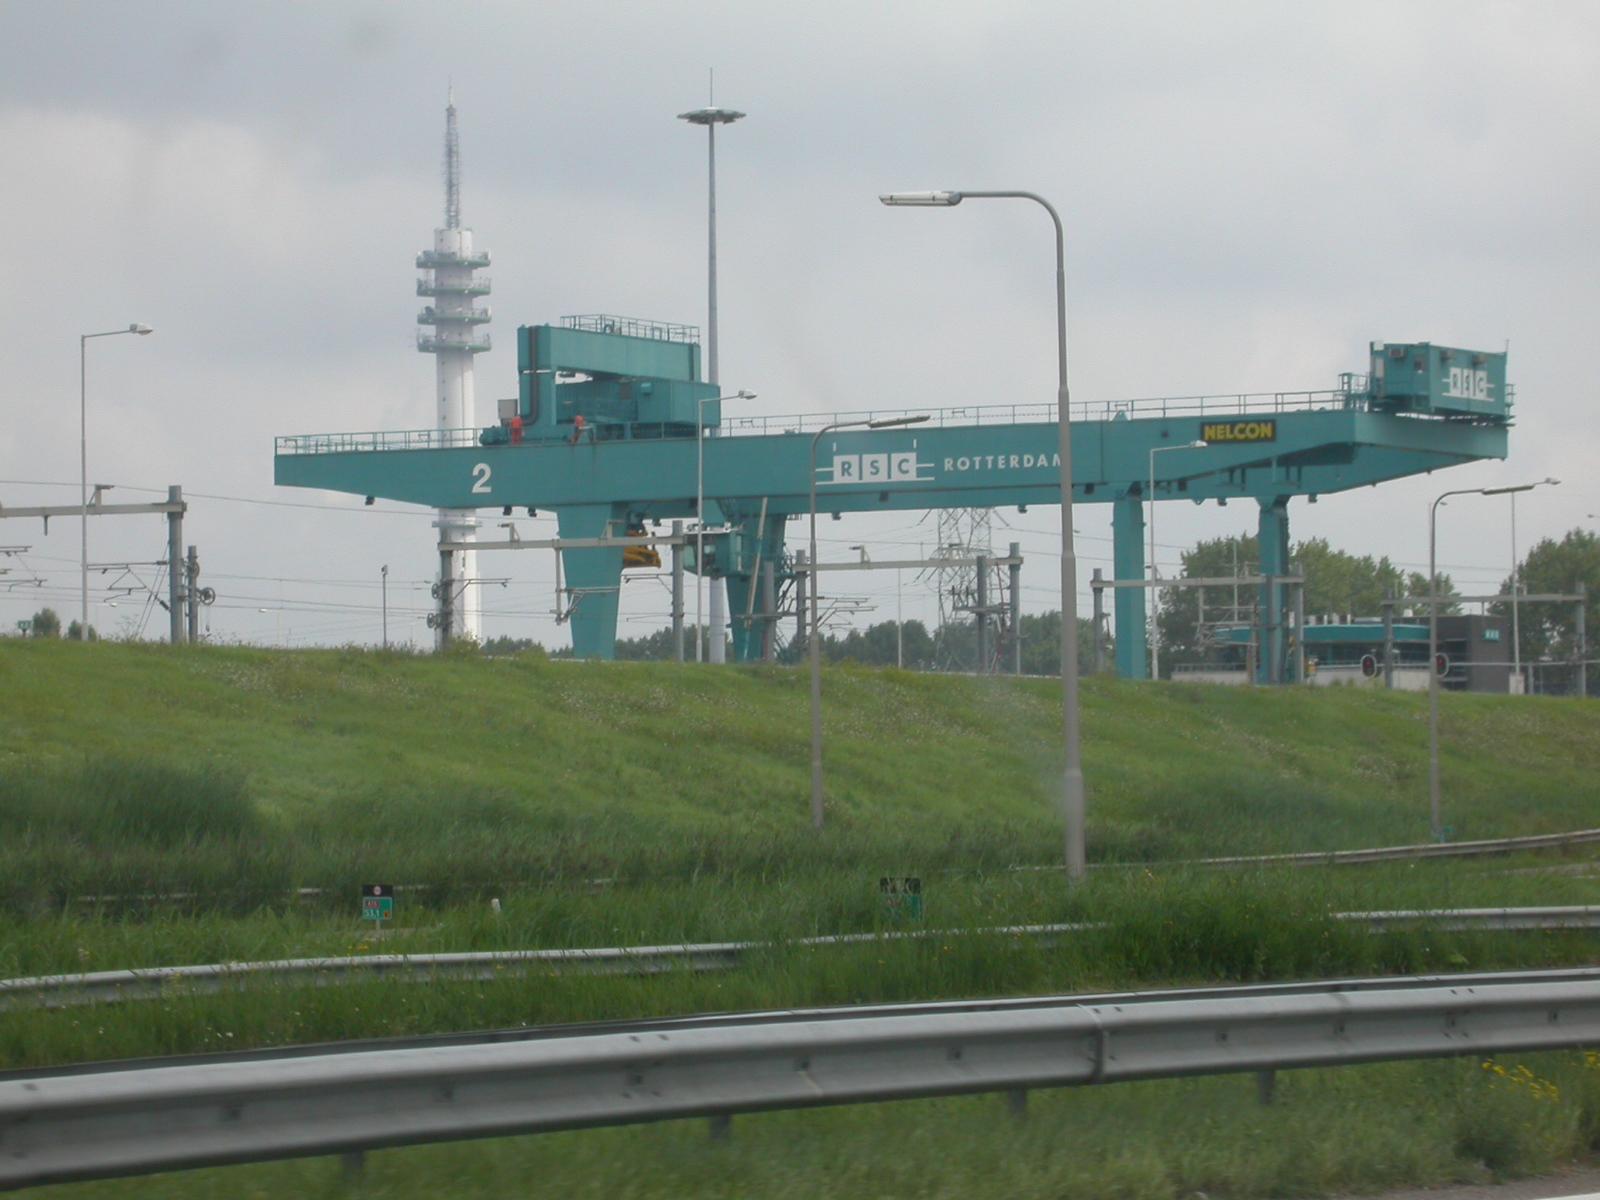 eva container crane equipment harbor RSC Lelystad